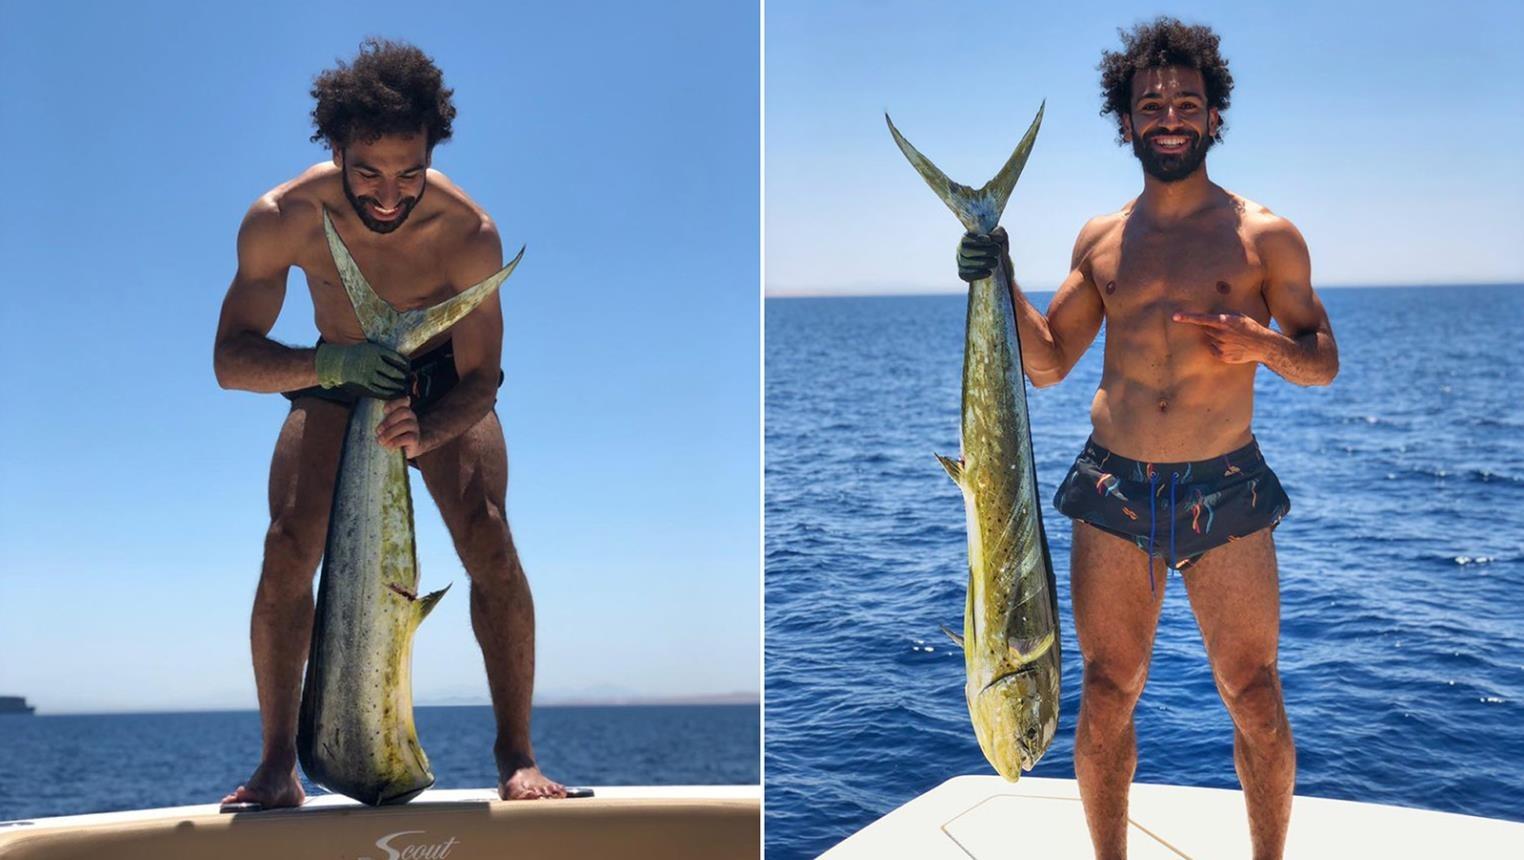 أفيخاي أدرعي يعلق على صورة «محمد صلاح والسمكة» ويوجه رسالة لـ«فخر العرب»